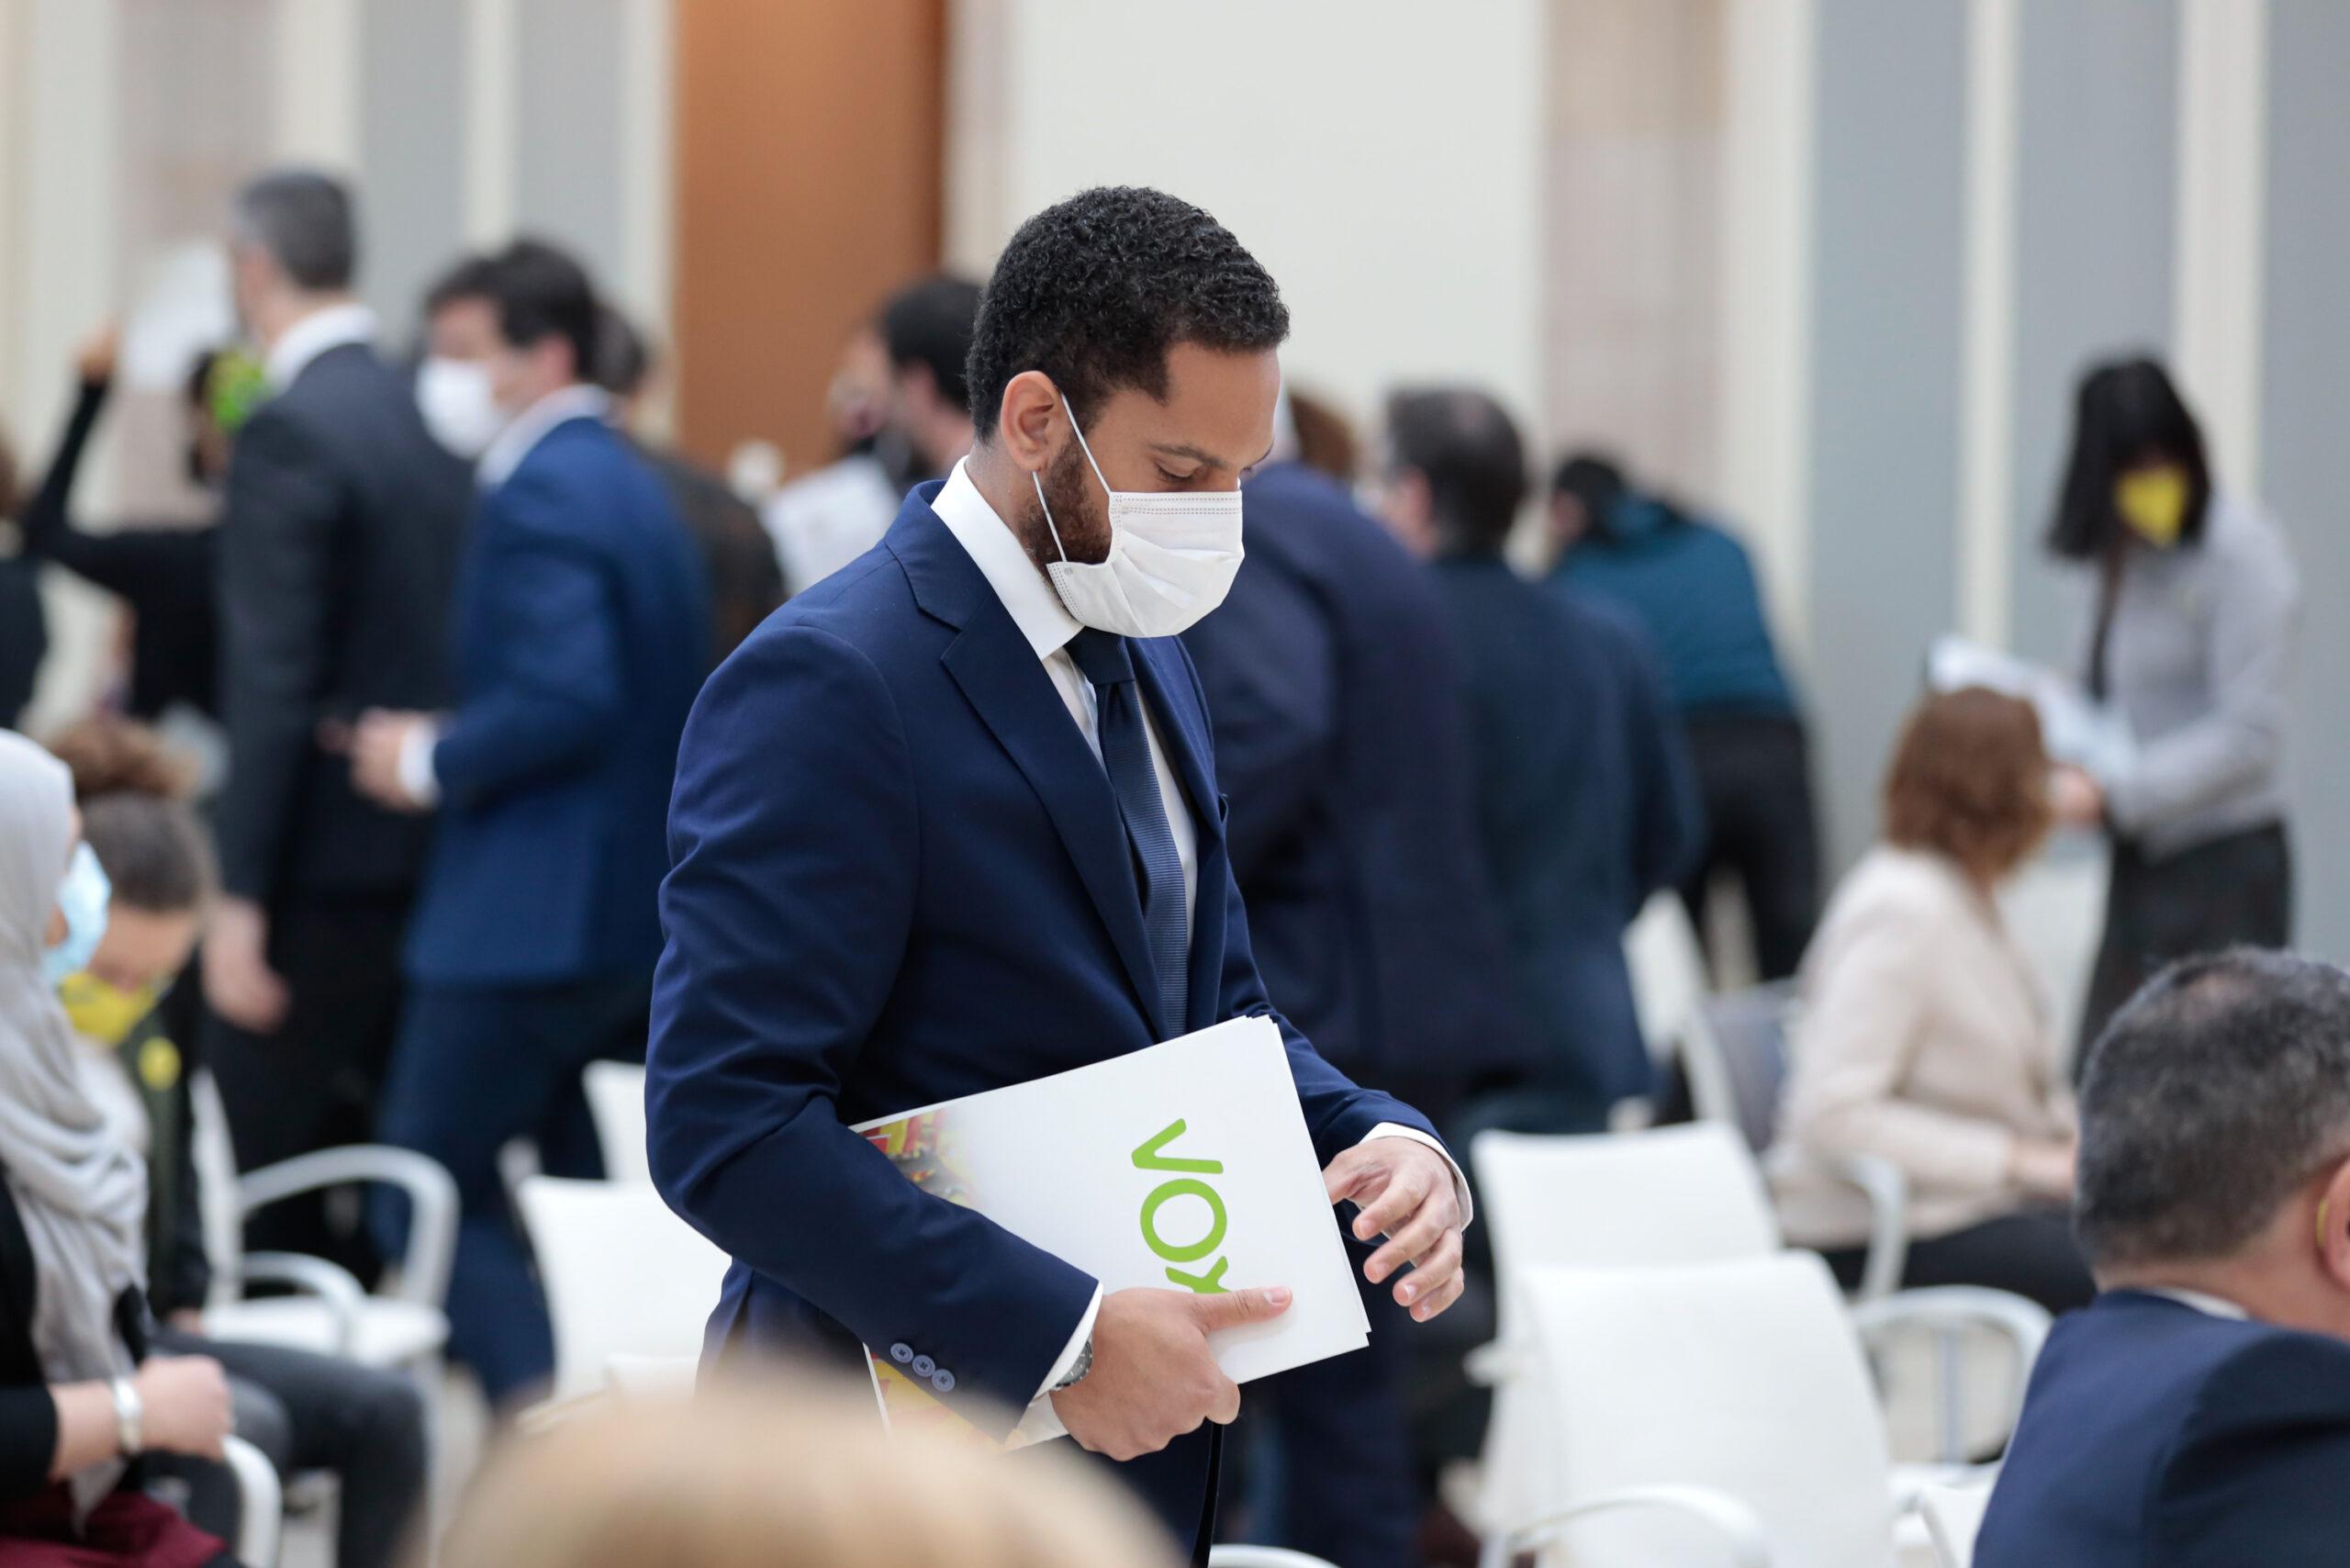 Ignacio Garriga, adreçant-se a l'atri per intervenir en el debat d'investidura el 26 de març, mentre molts dels diputats marxen / ACN